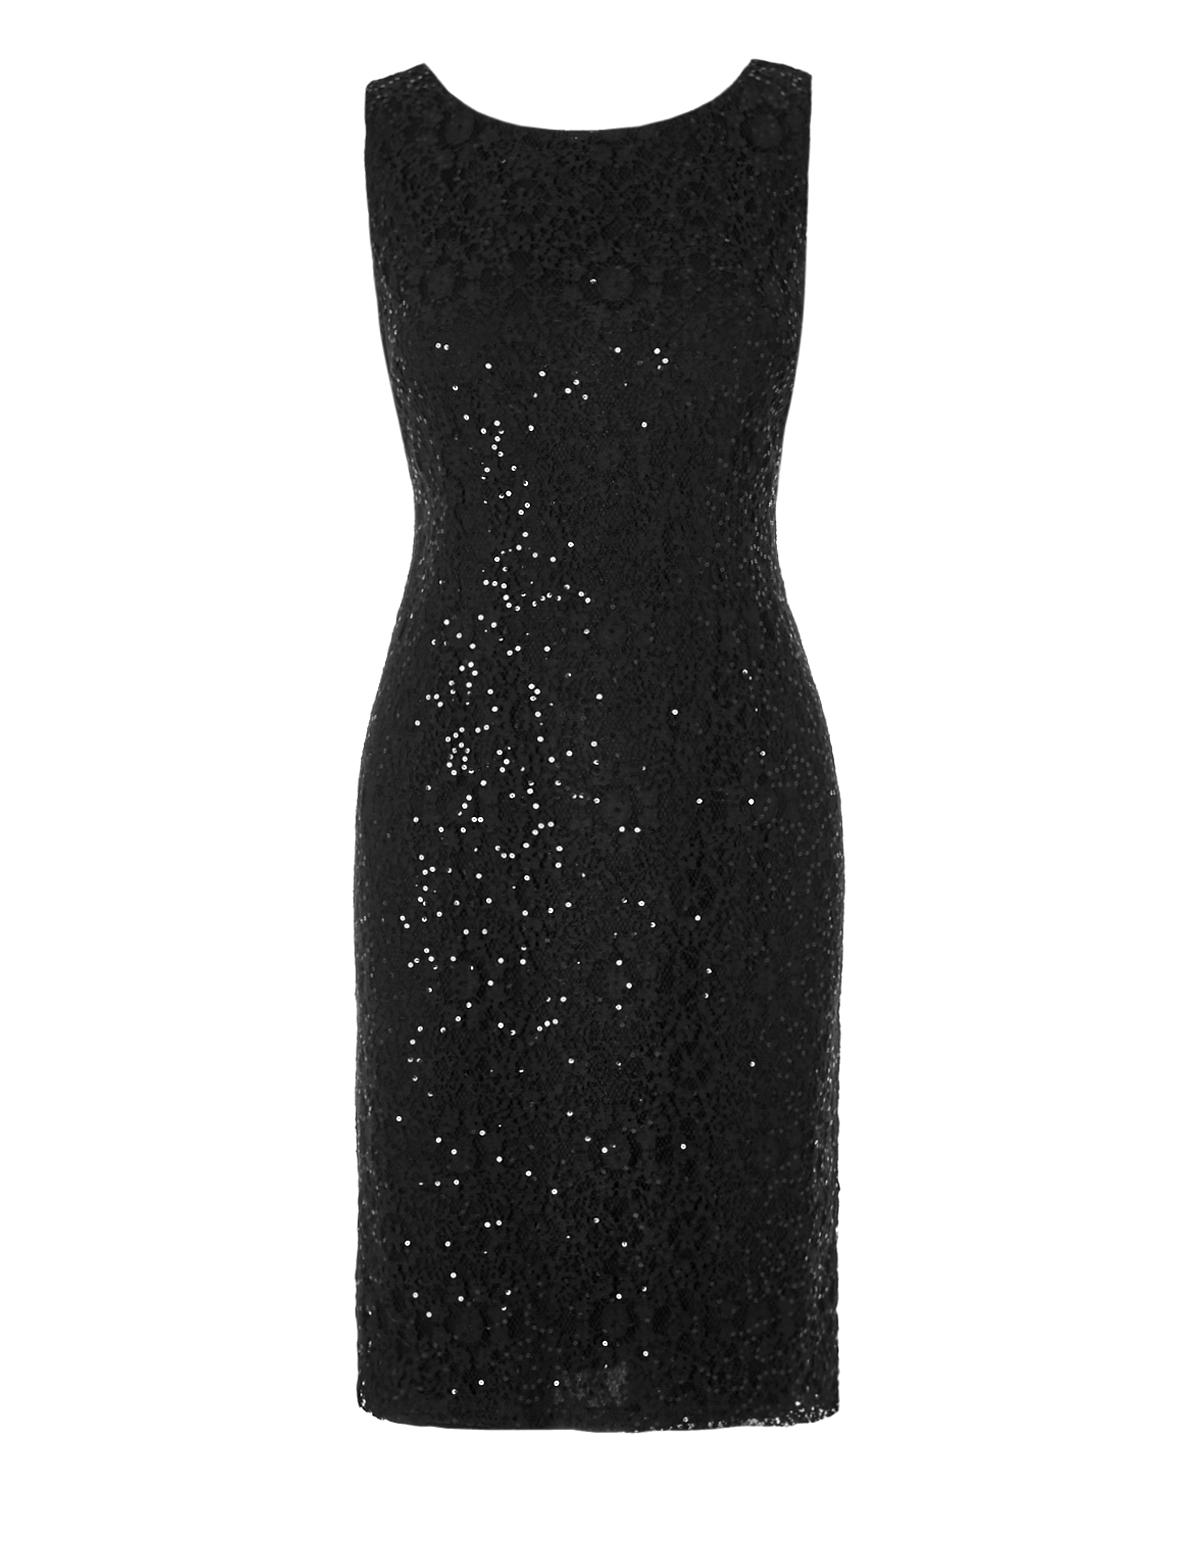 Black Sequin Lace Shift Dress